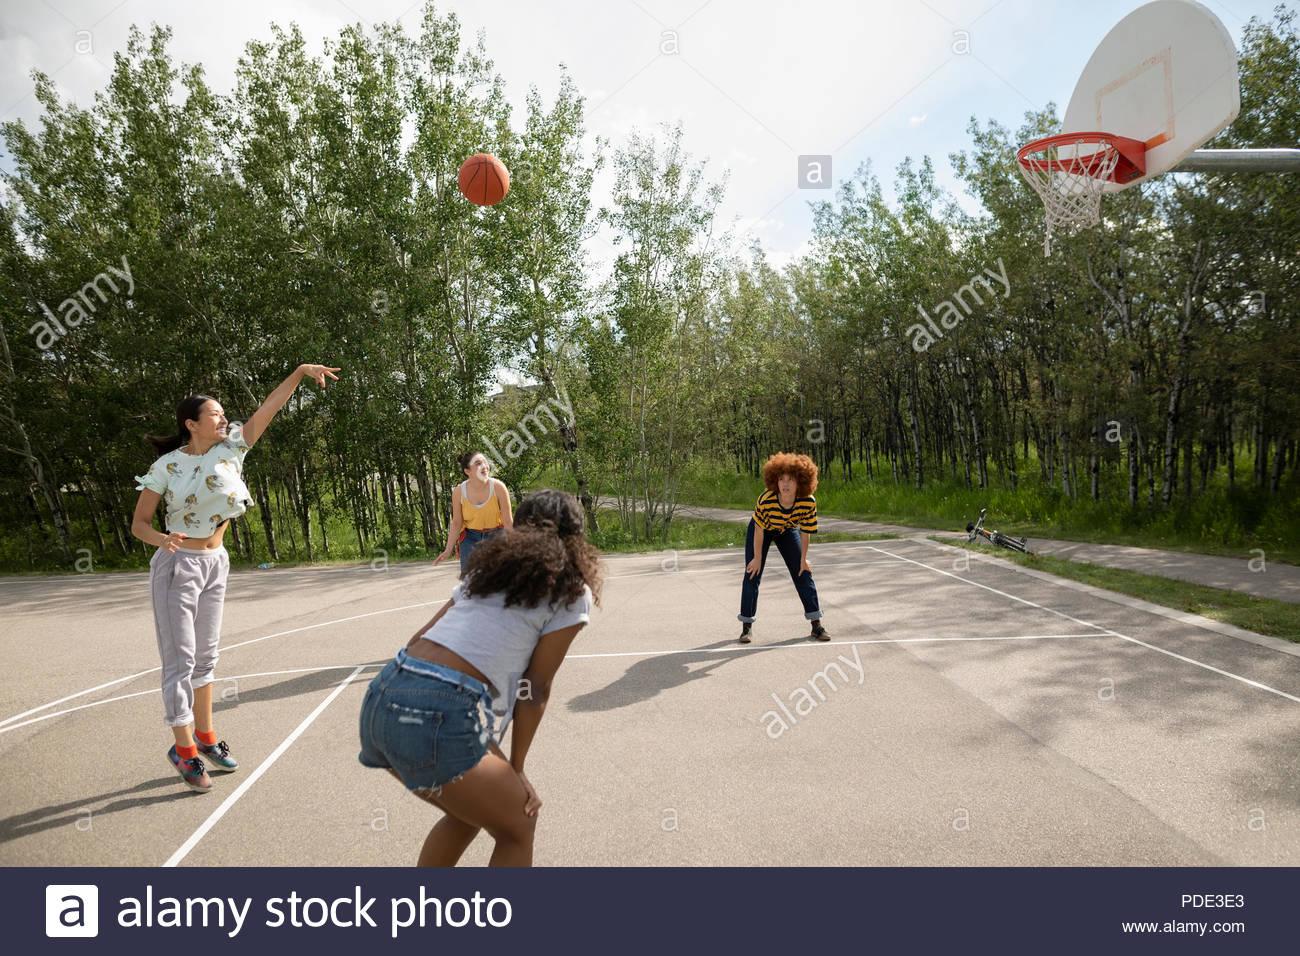 Adolescente amigos jugando baloncesto en la cancha de basketball del Parque Imagen De Stock